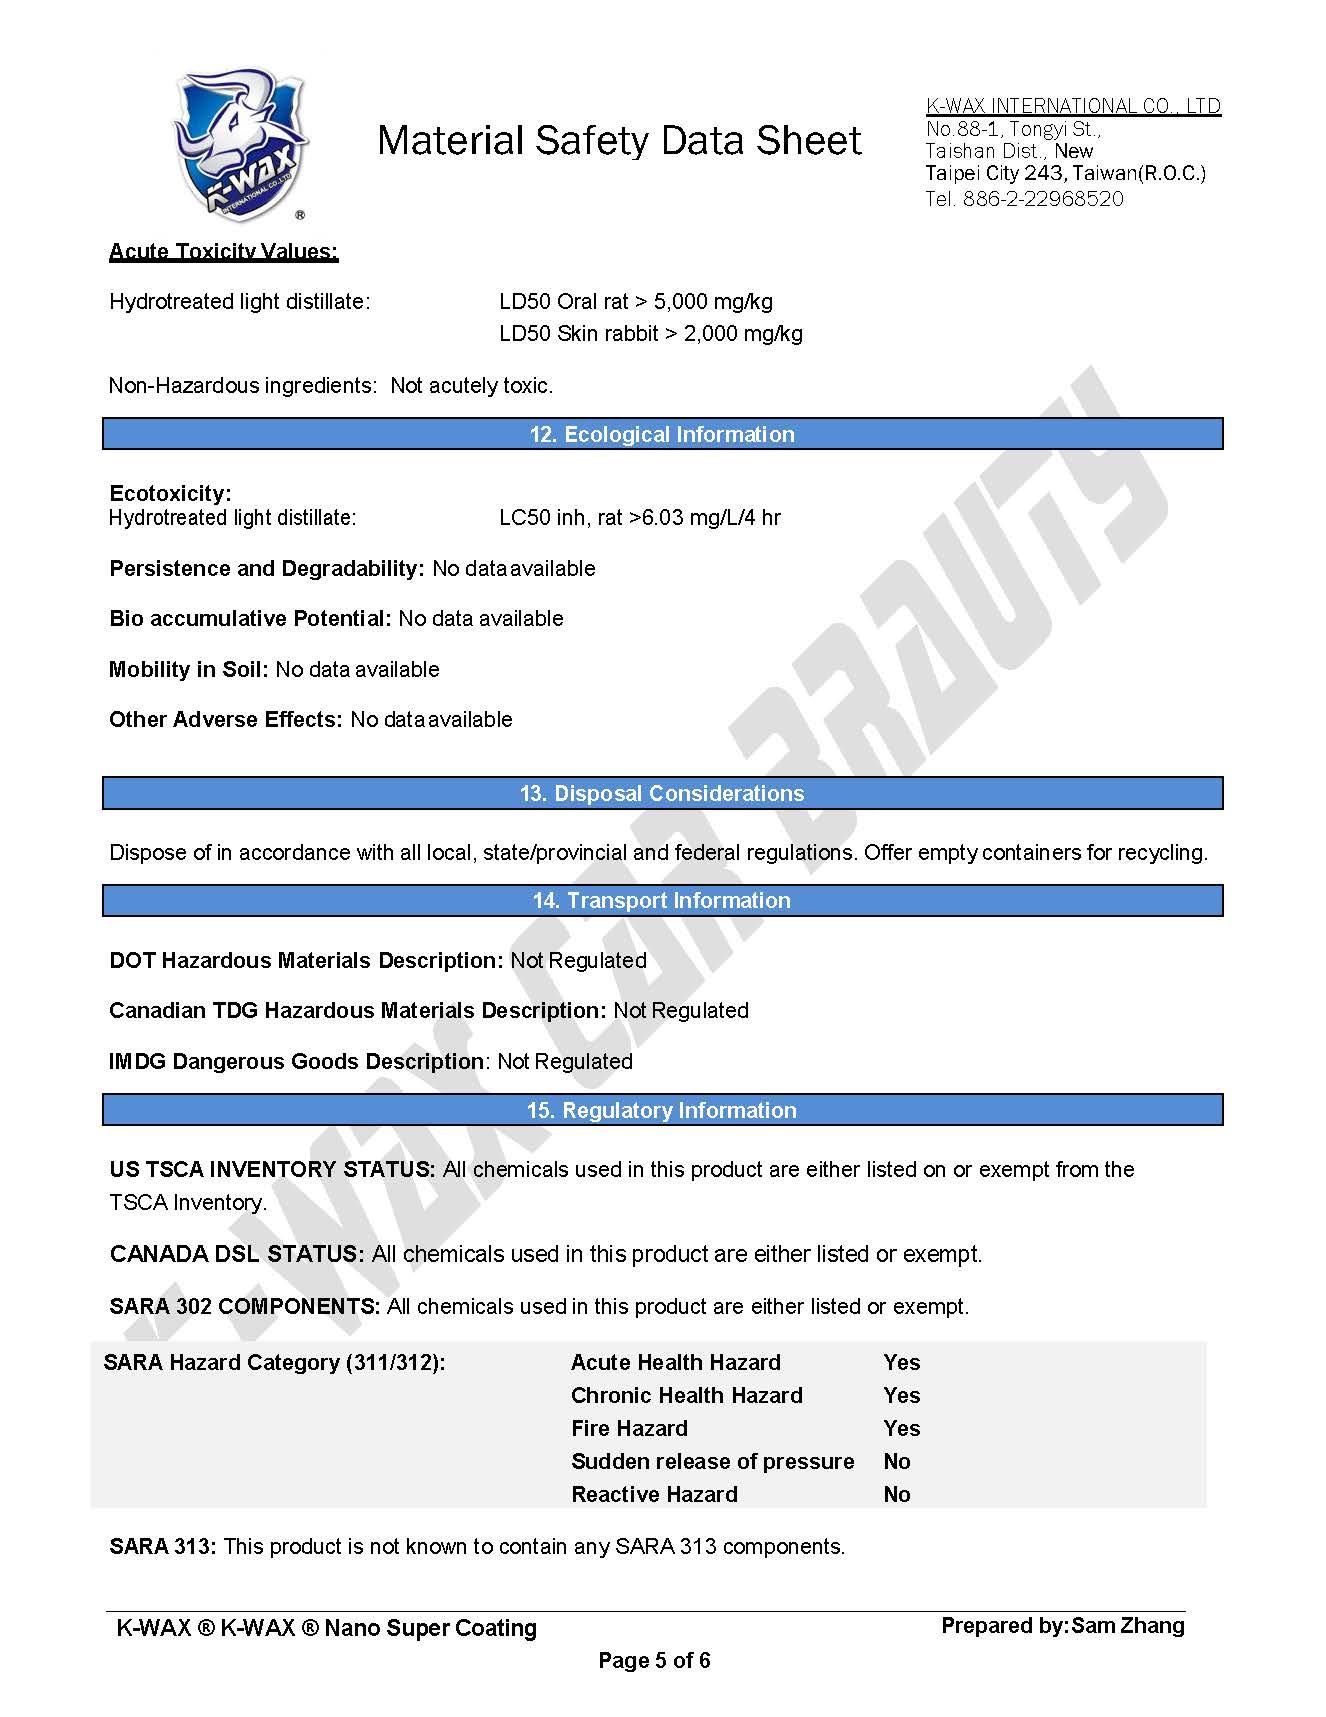 漆面結晶鍍膜 MSDS_页面_5.jpg